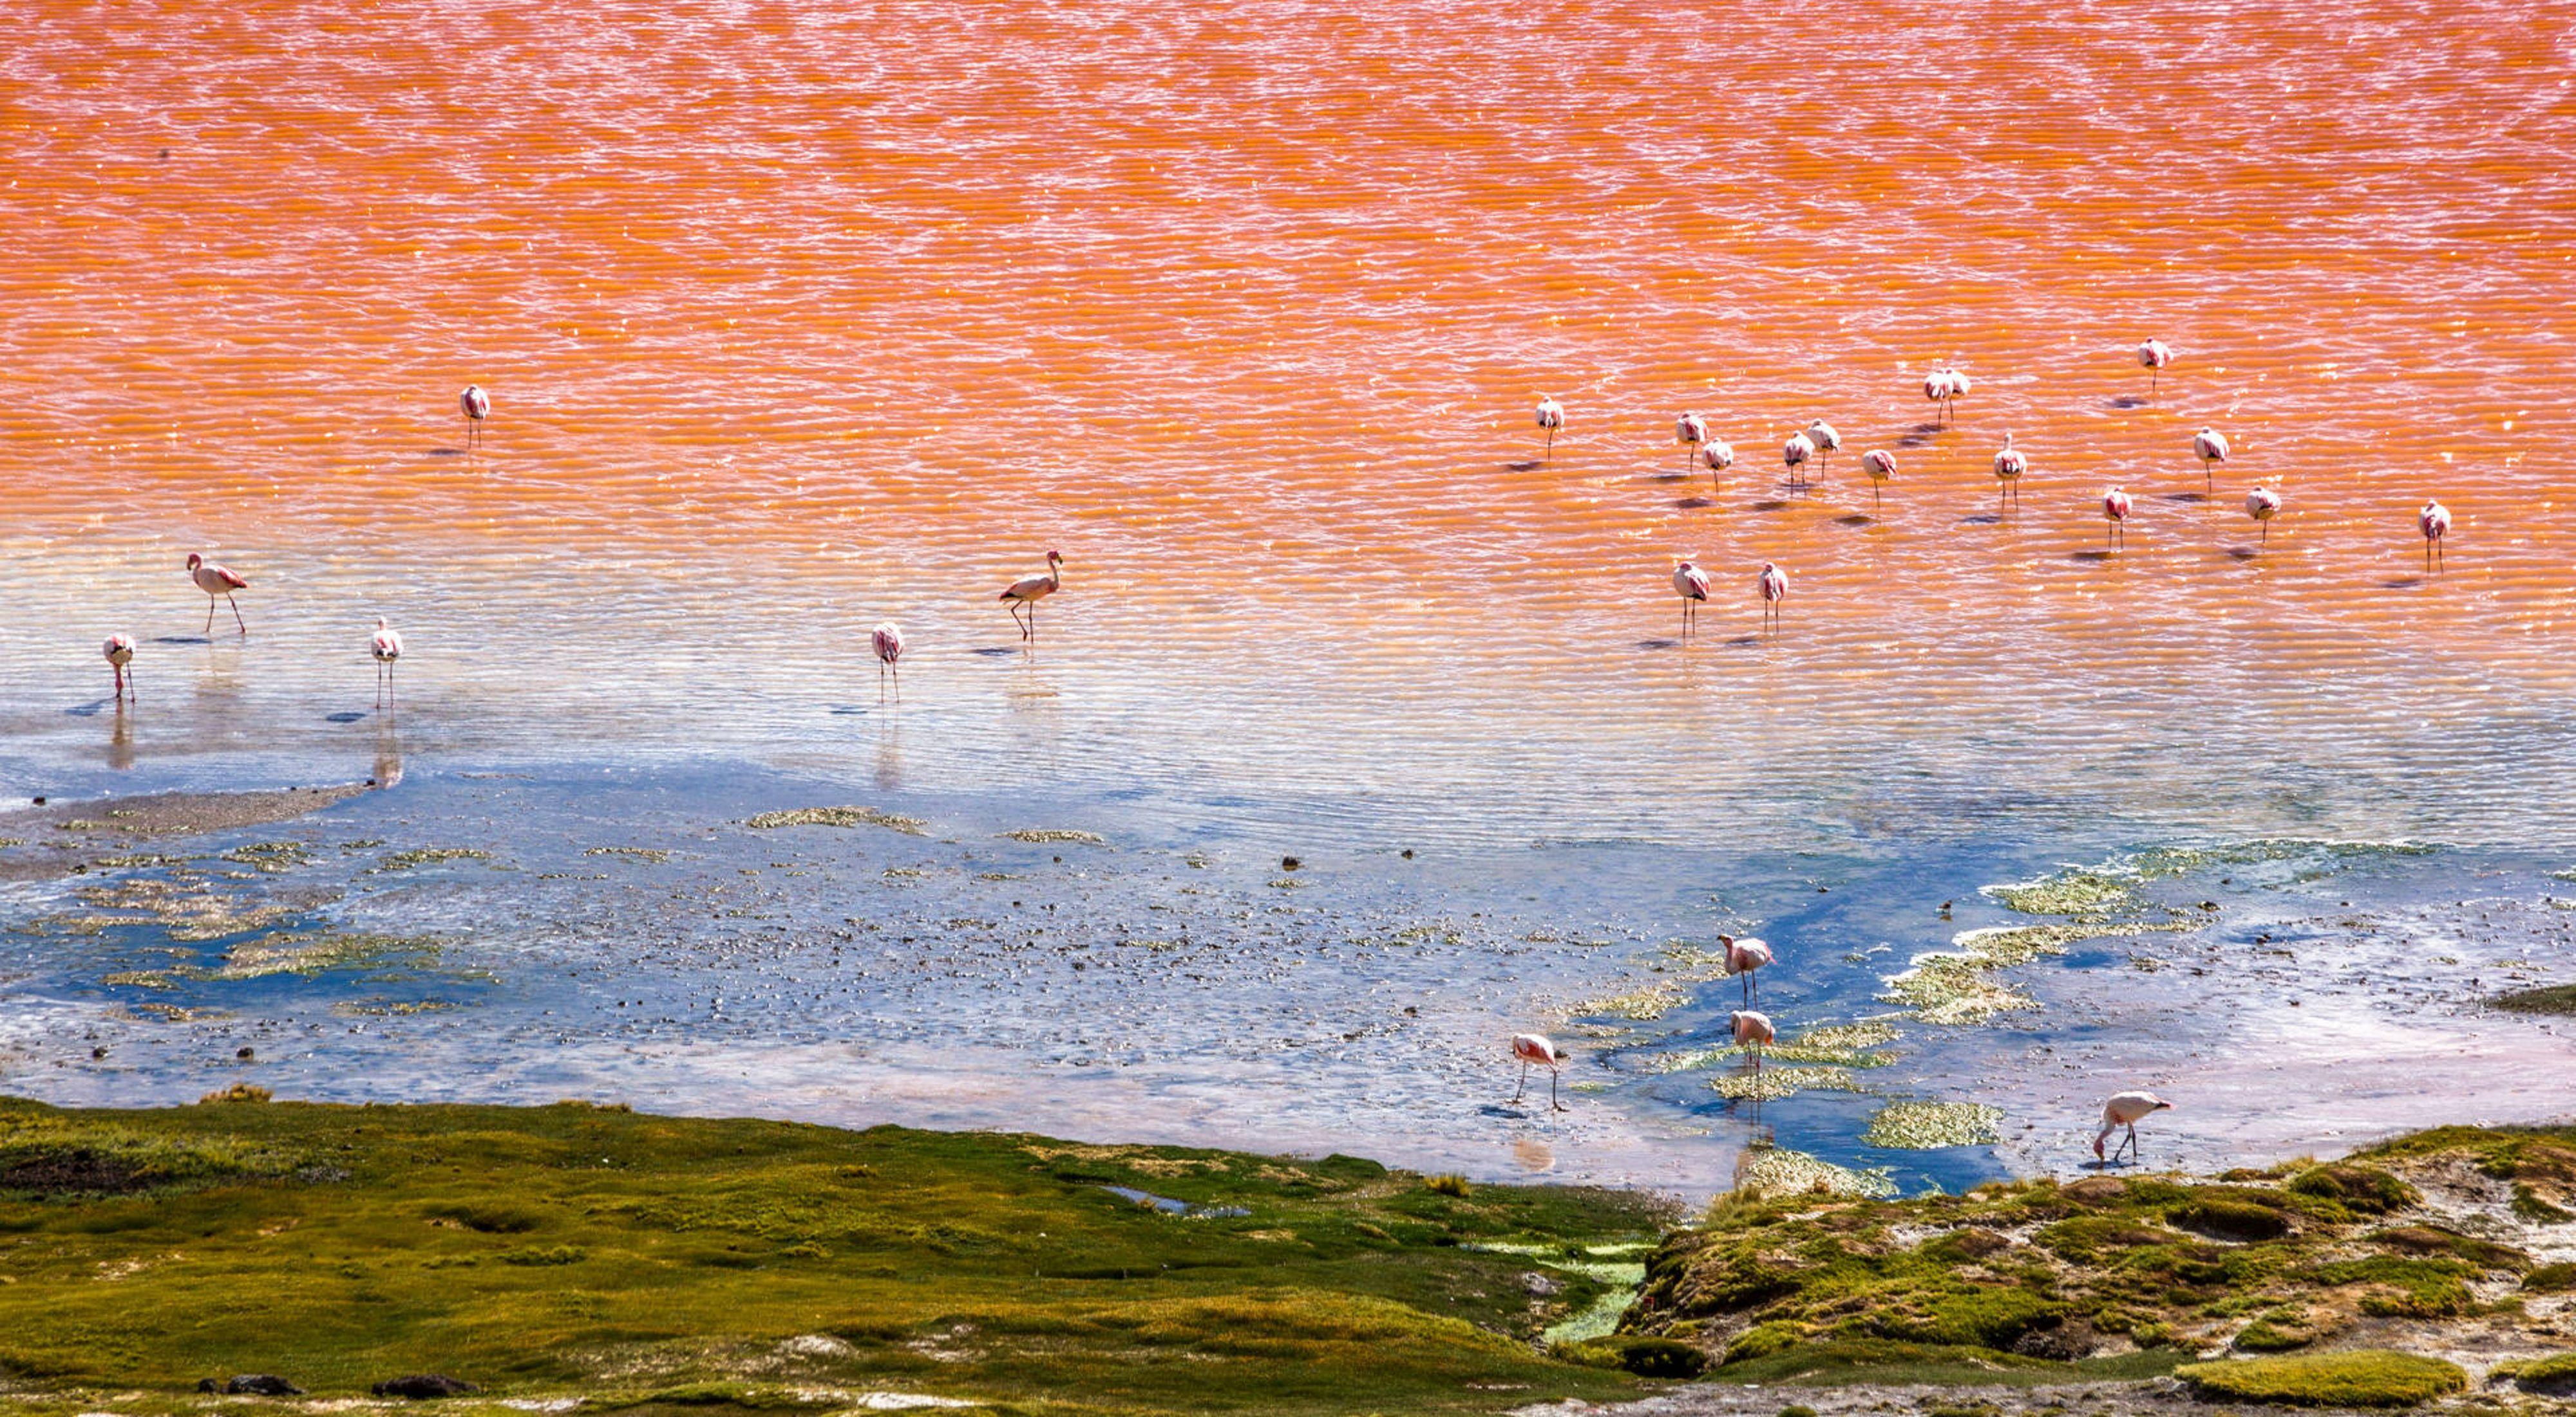 Fotografía tomada en la laguna Colorada en el altiplano boliviano. 01/2019